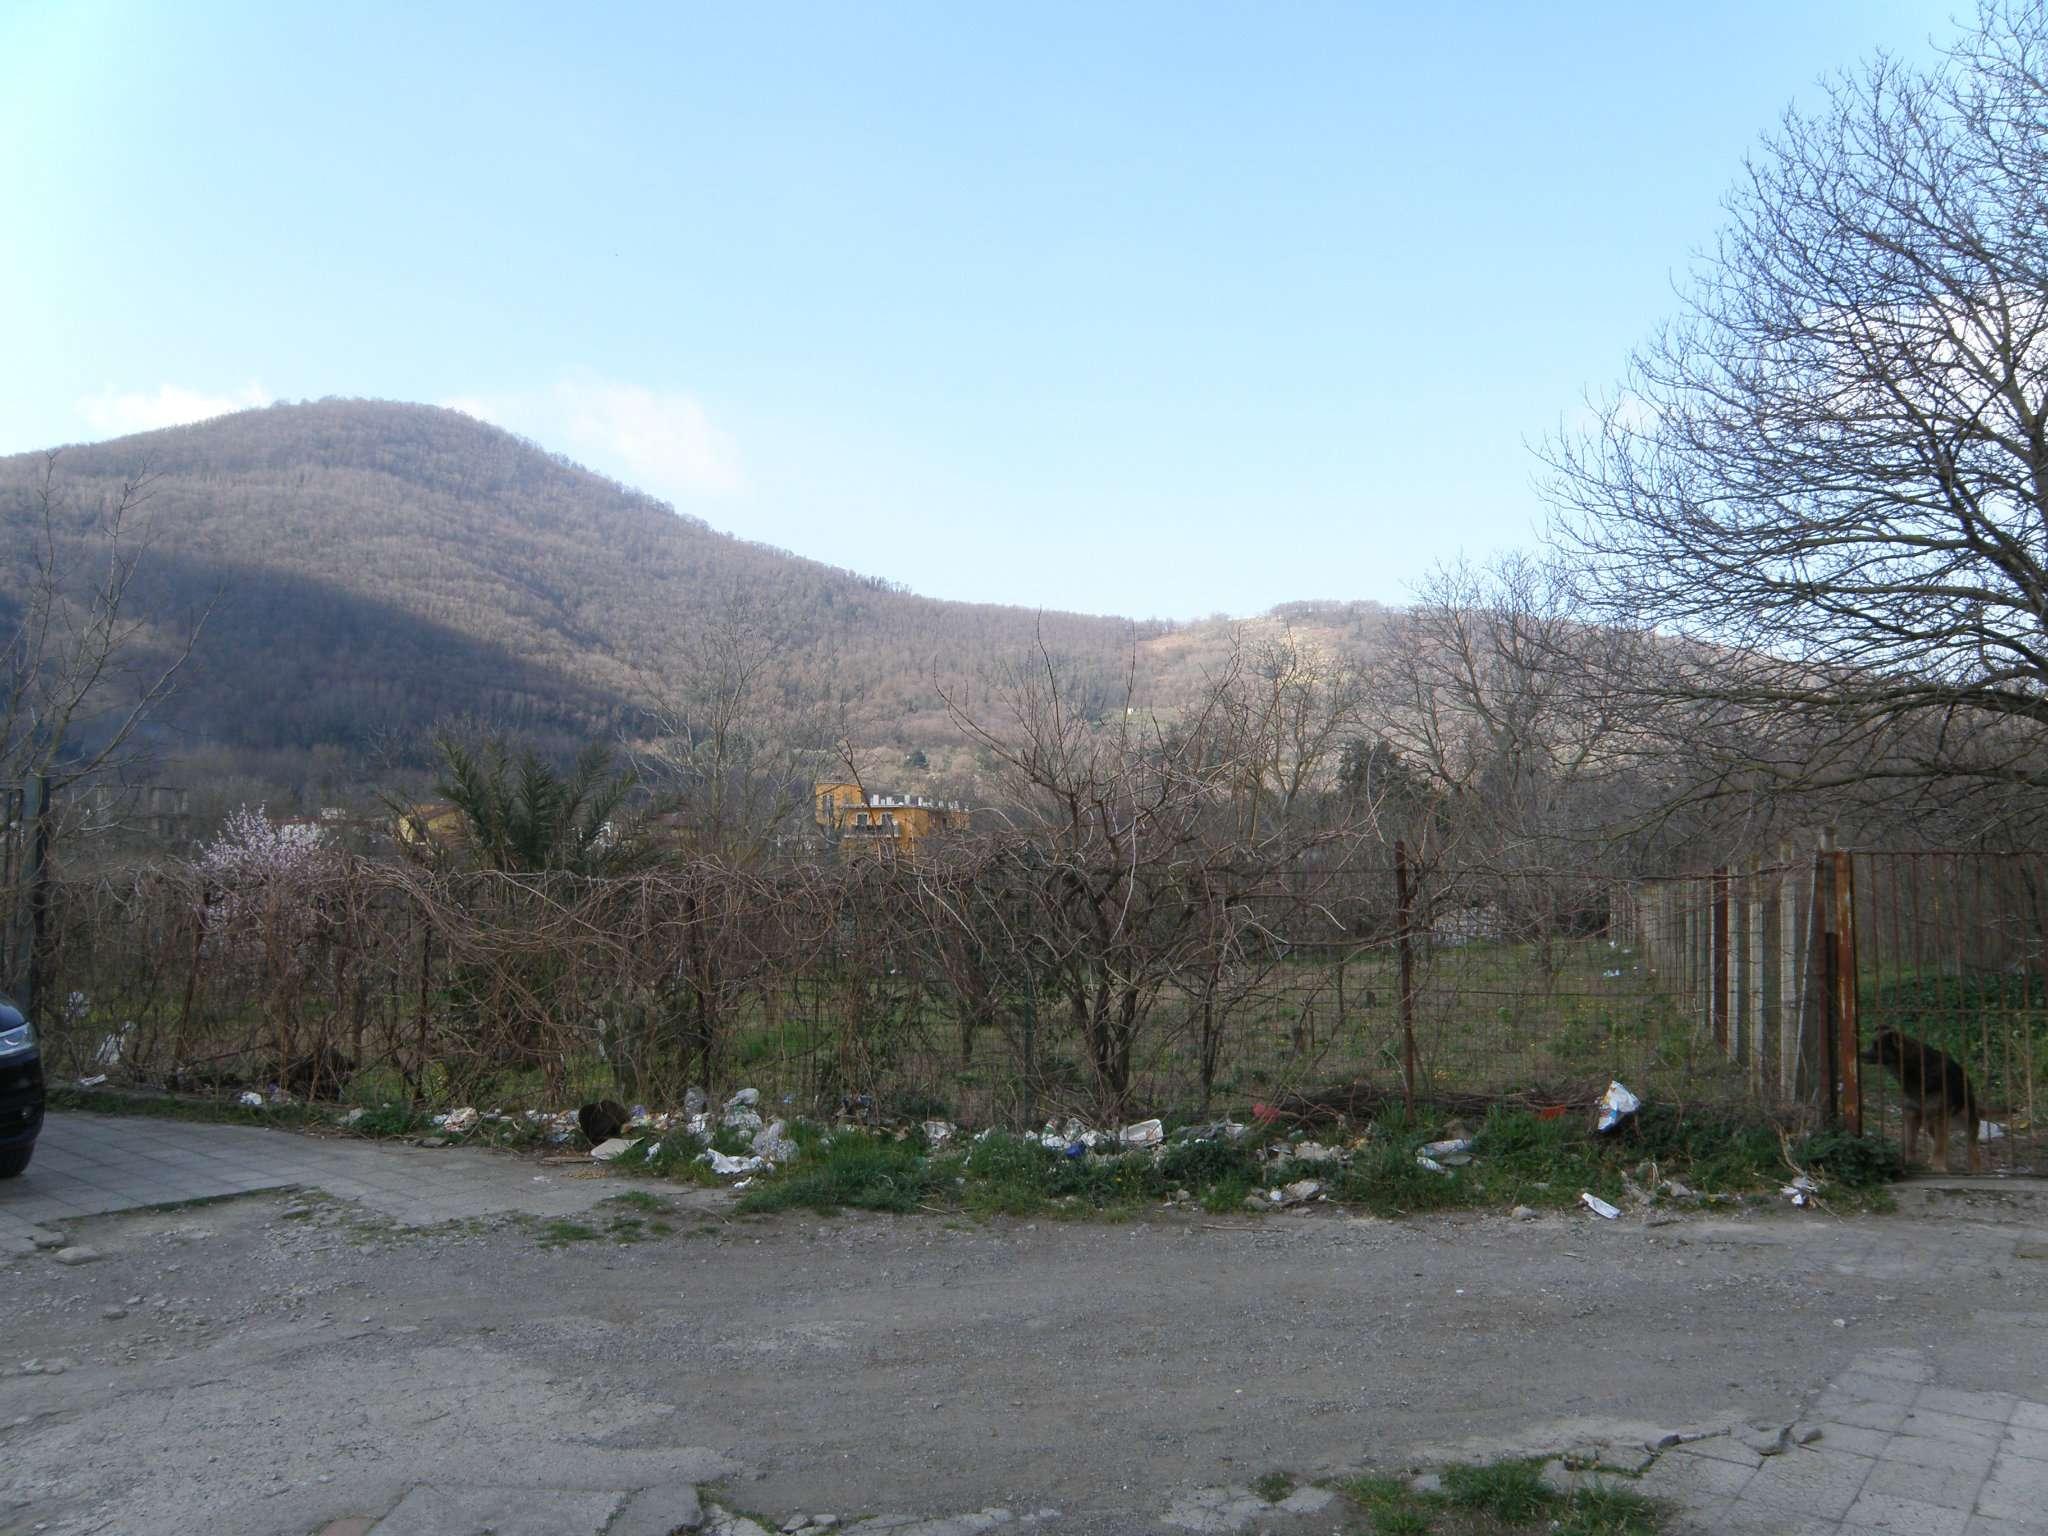 Terreno Agricolo in vendita a Siano, 1 locali, prezzo € 55.000 | CambioCasa.it